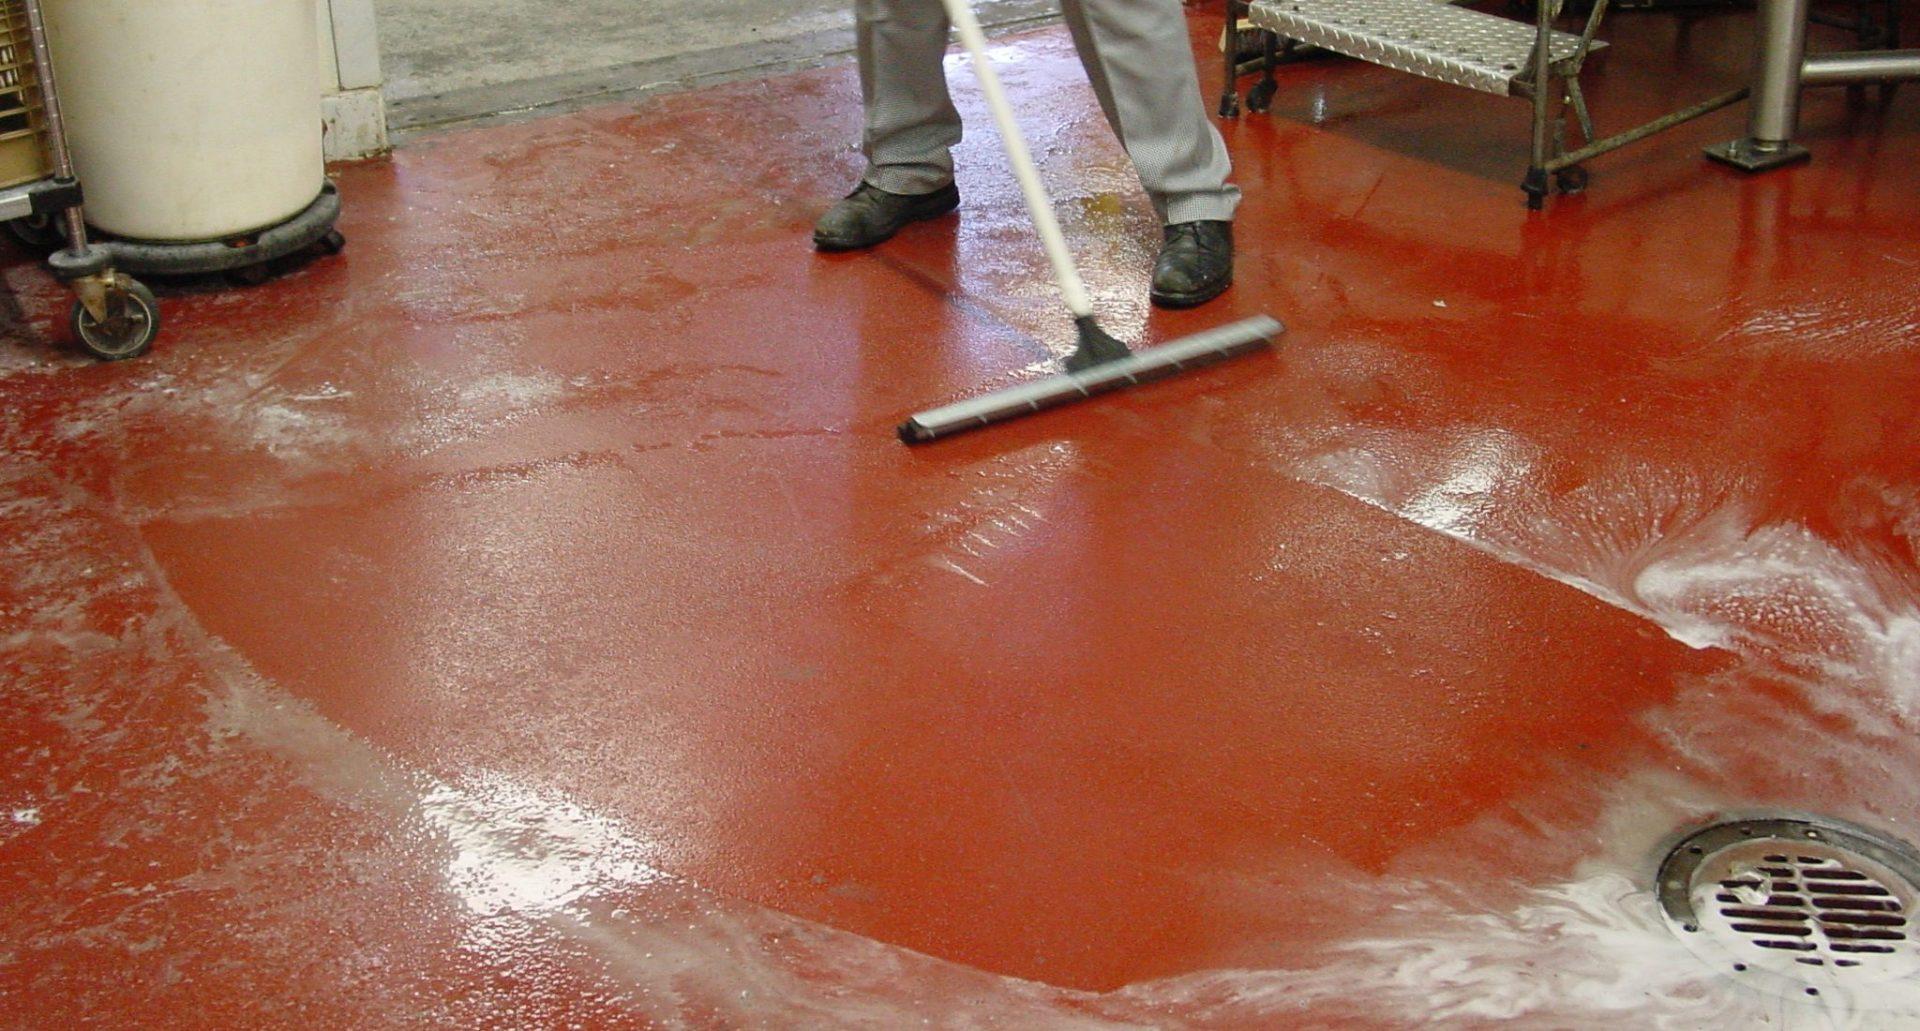 Cleaning Resinous Floor